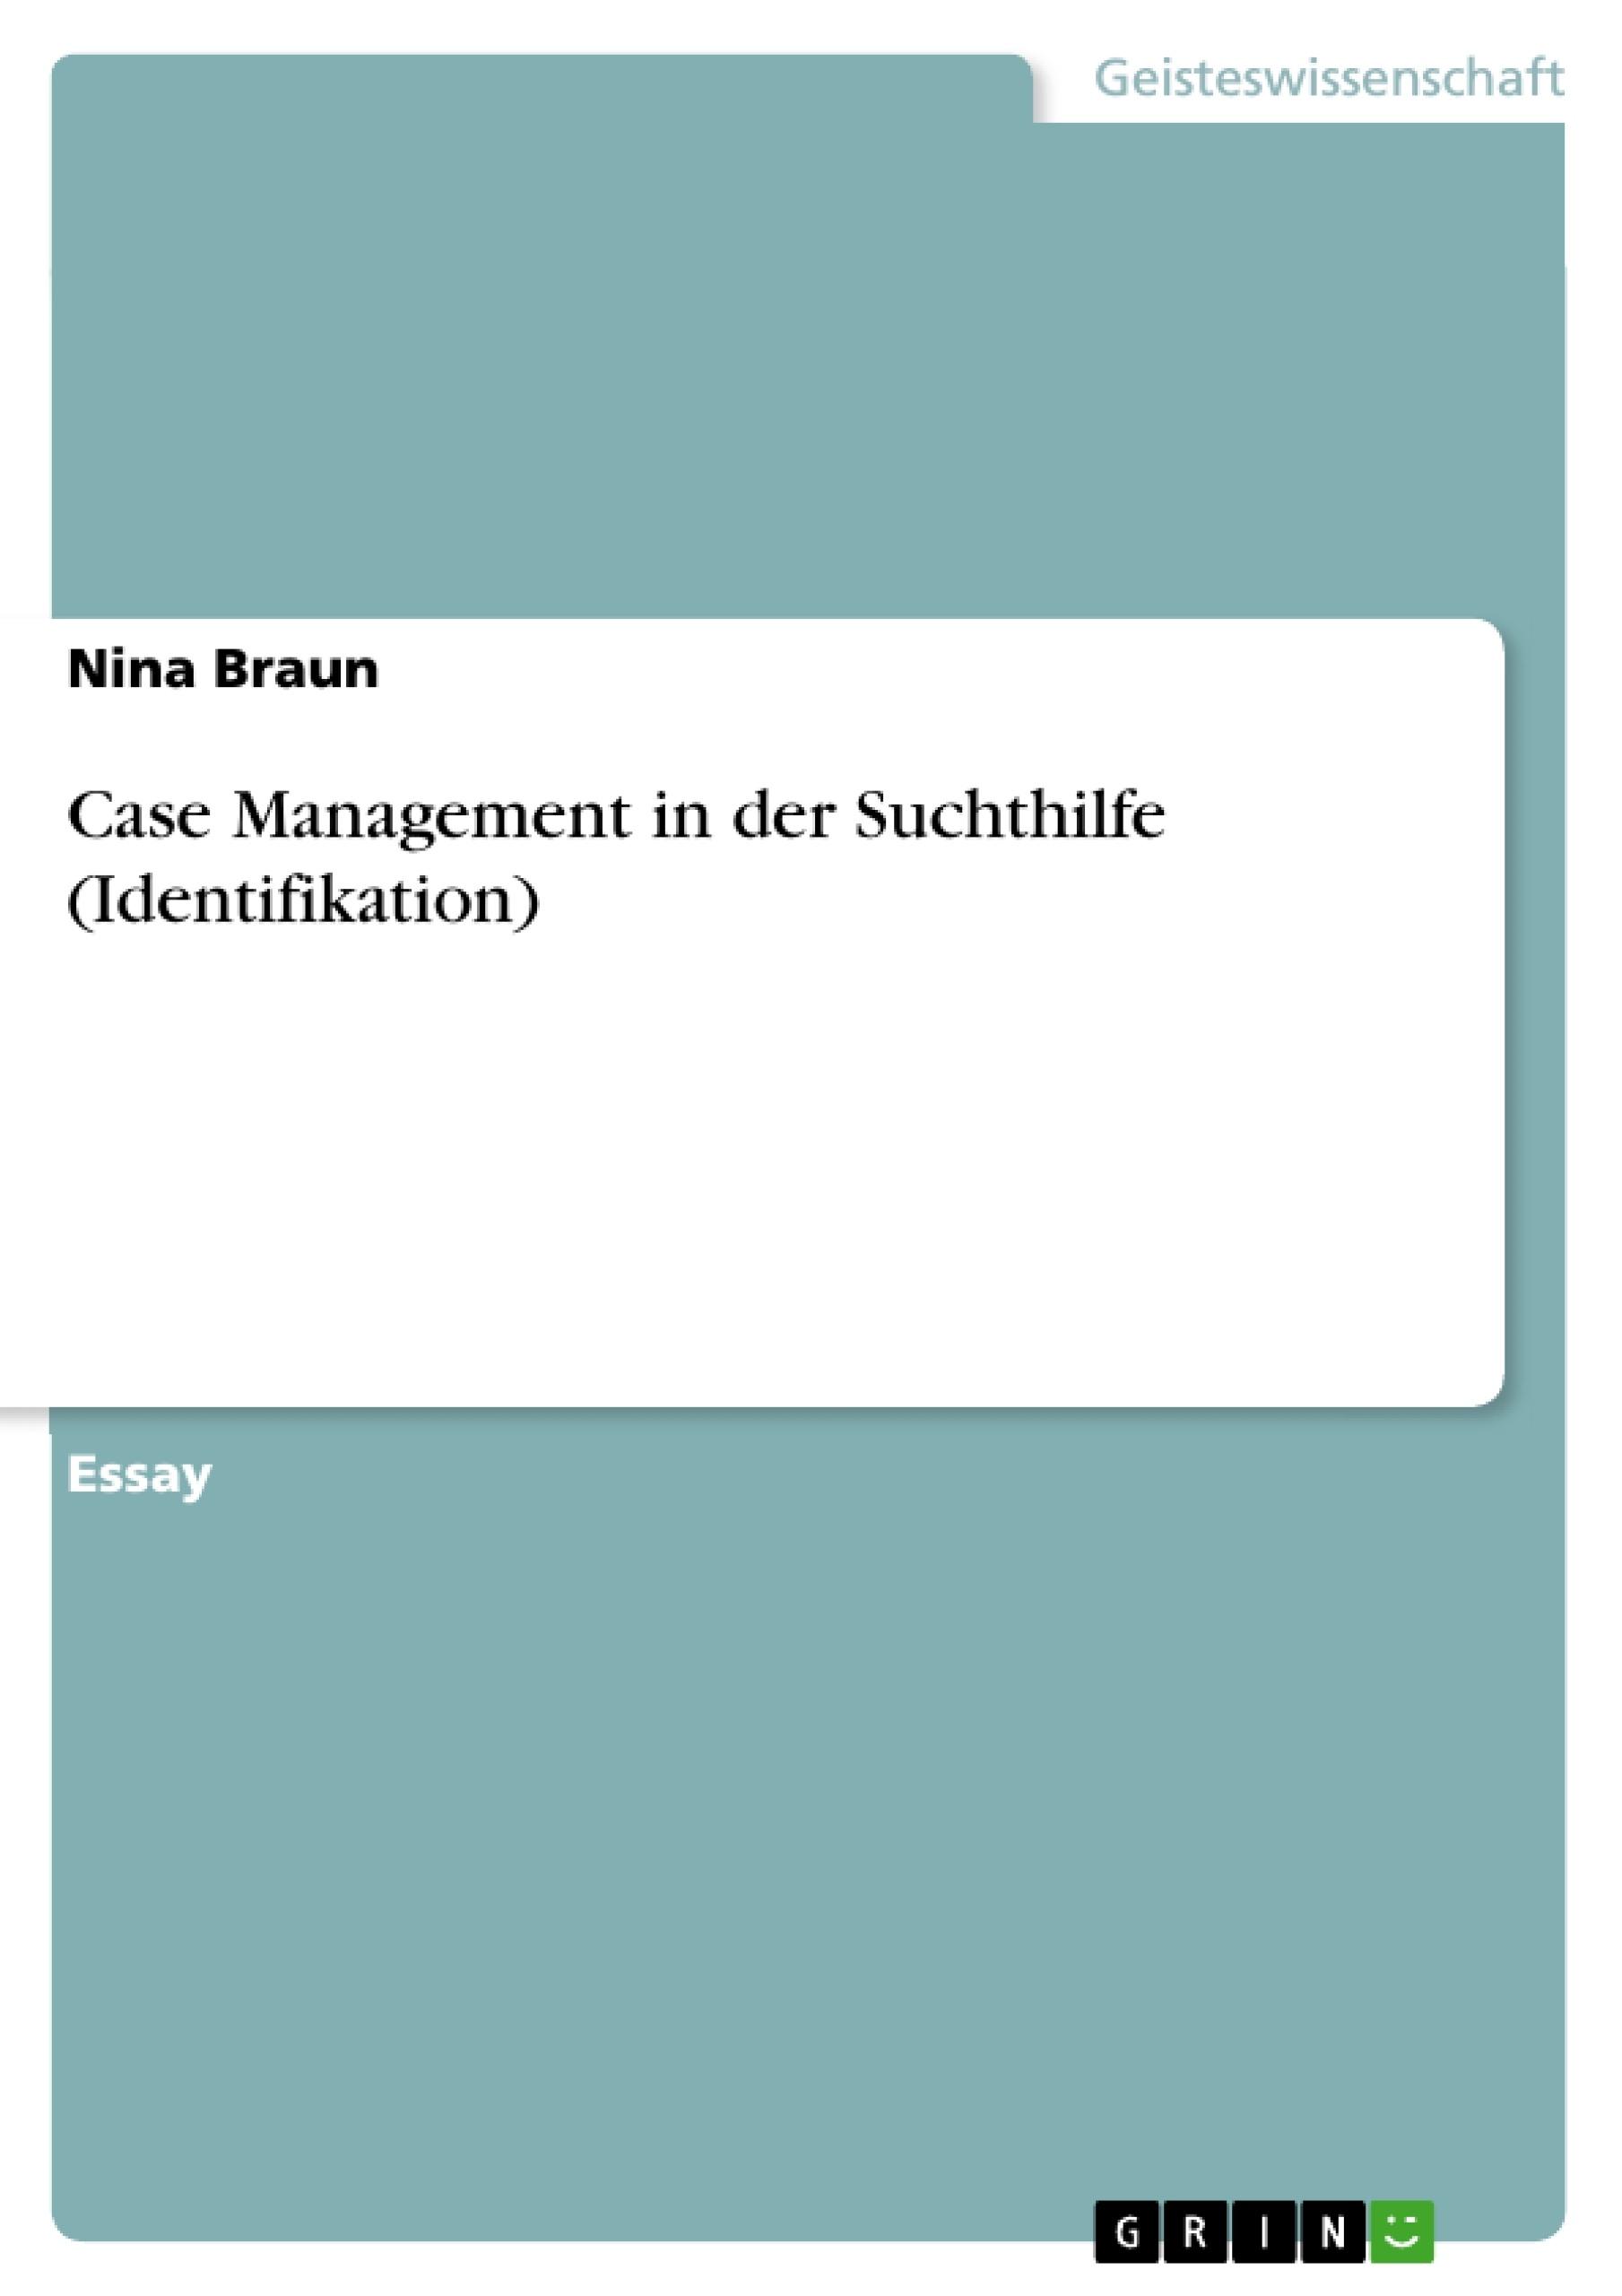 Titel: Case Management in der Suchthilfe (Identifikation)